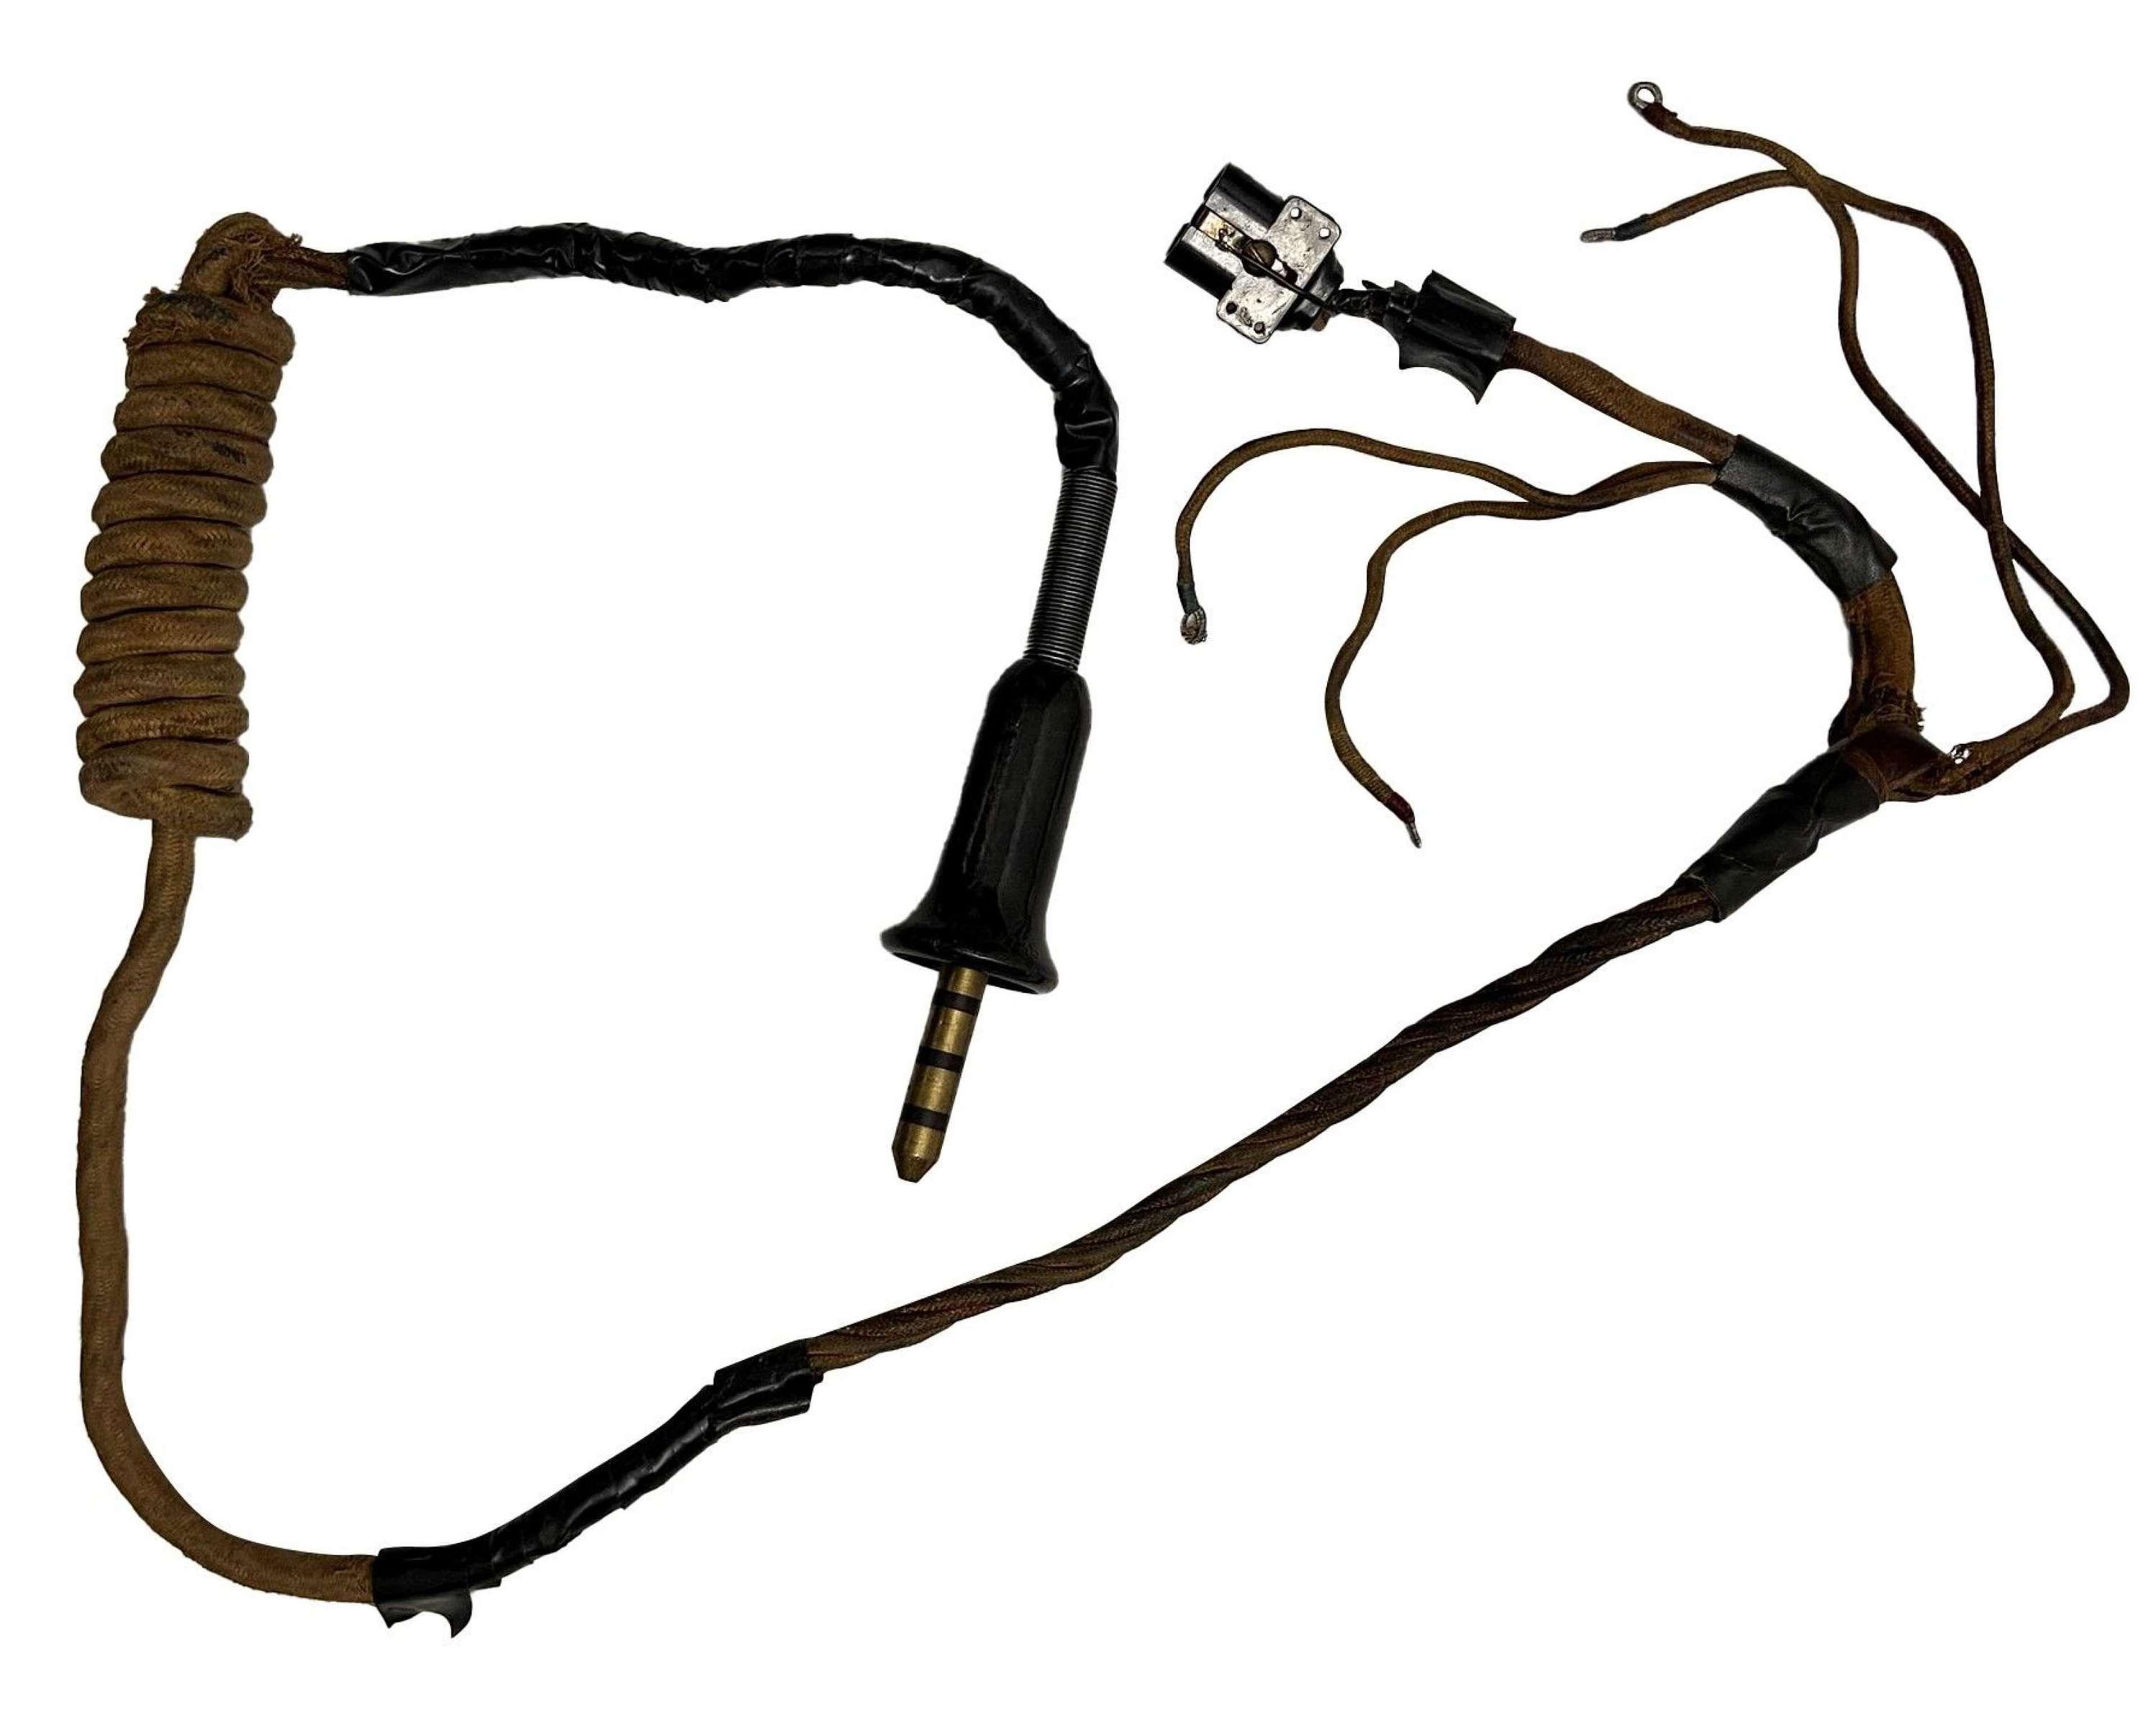 Original RAF Flying Helmet Internal Wiring loom and Bell Plug